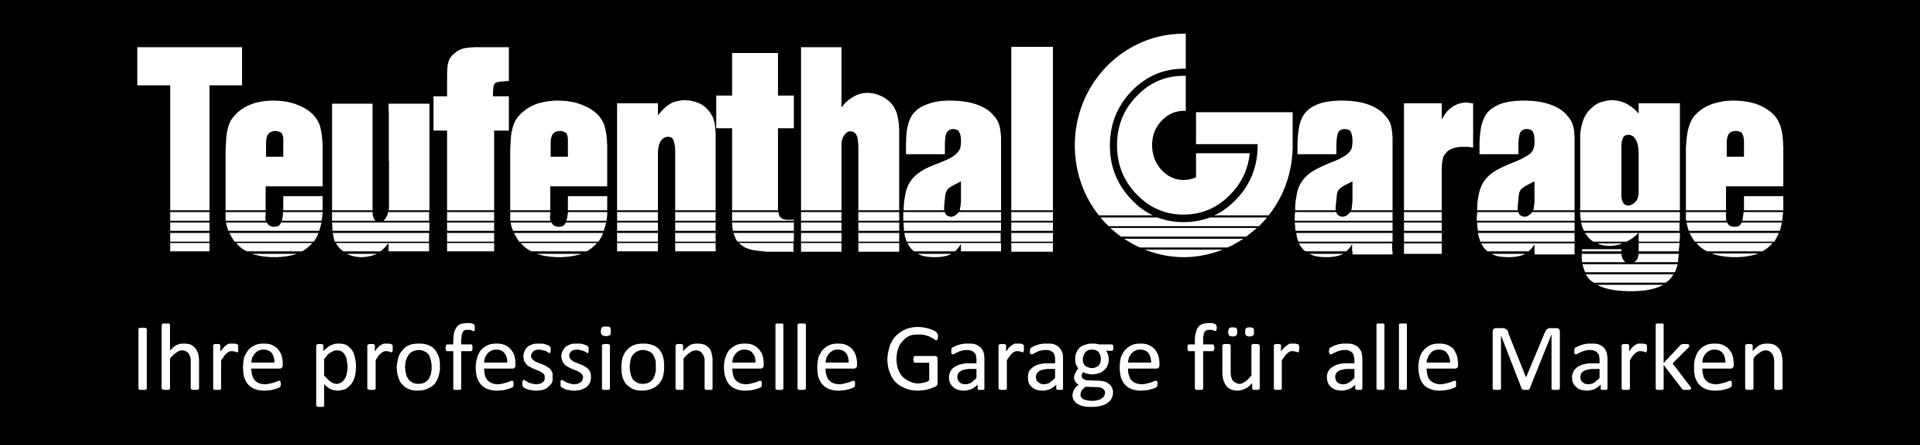 Teufenthal Garage - Ihre professionelle Garage f�r alle Marken